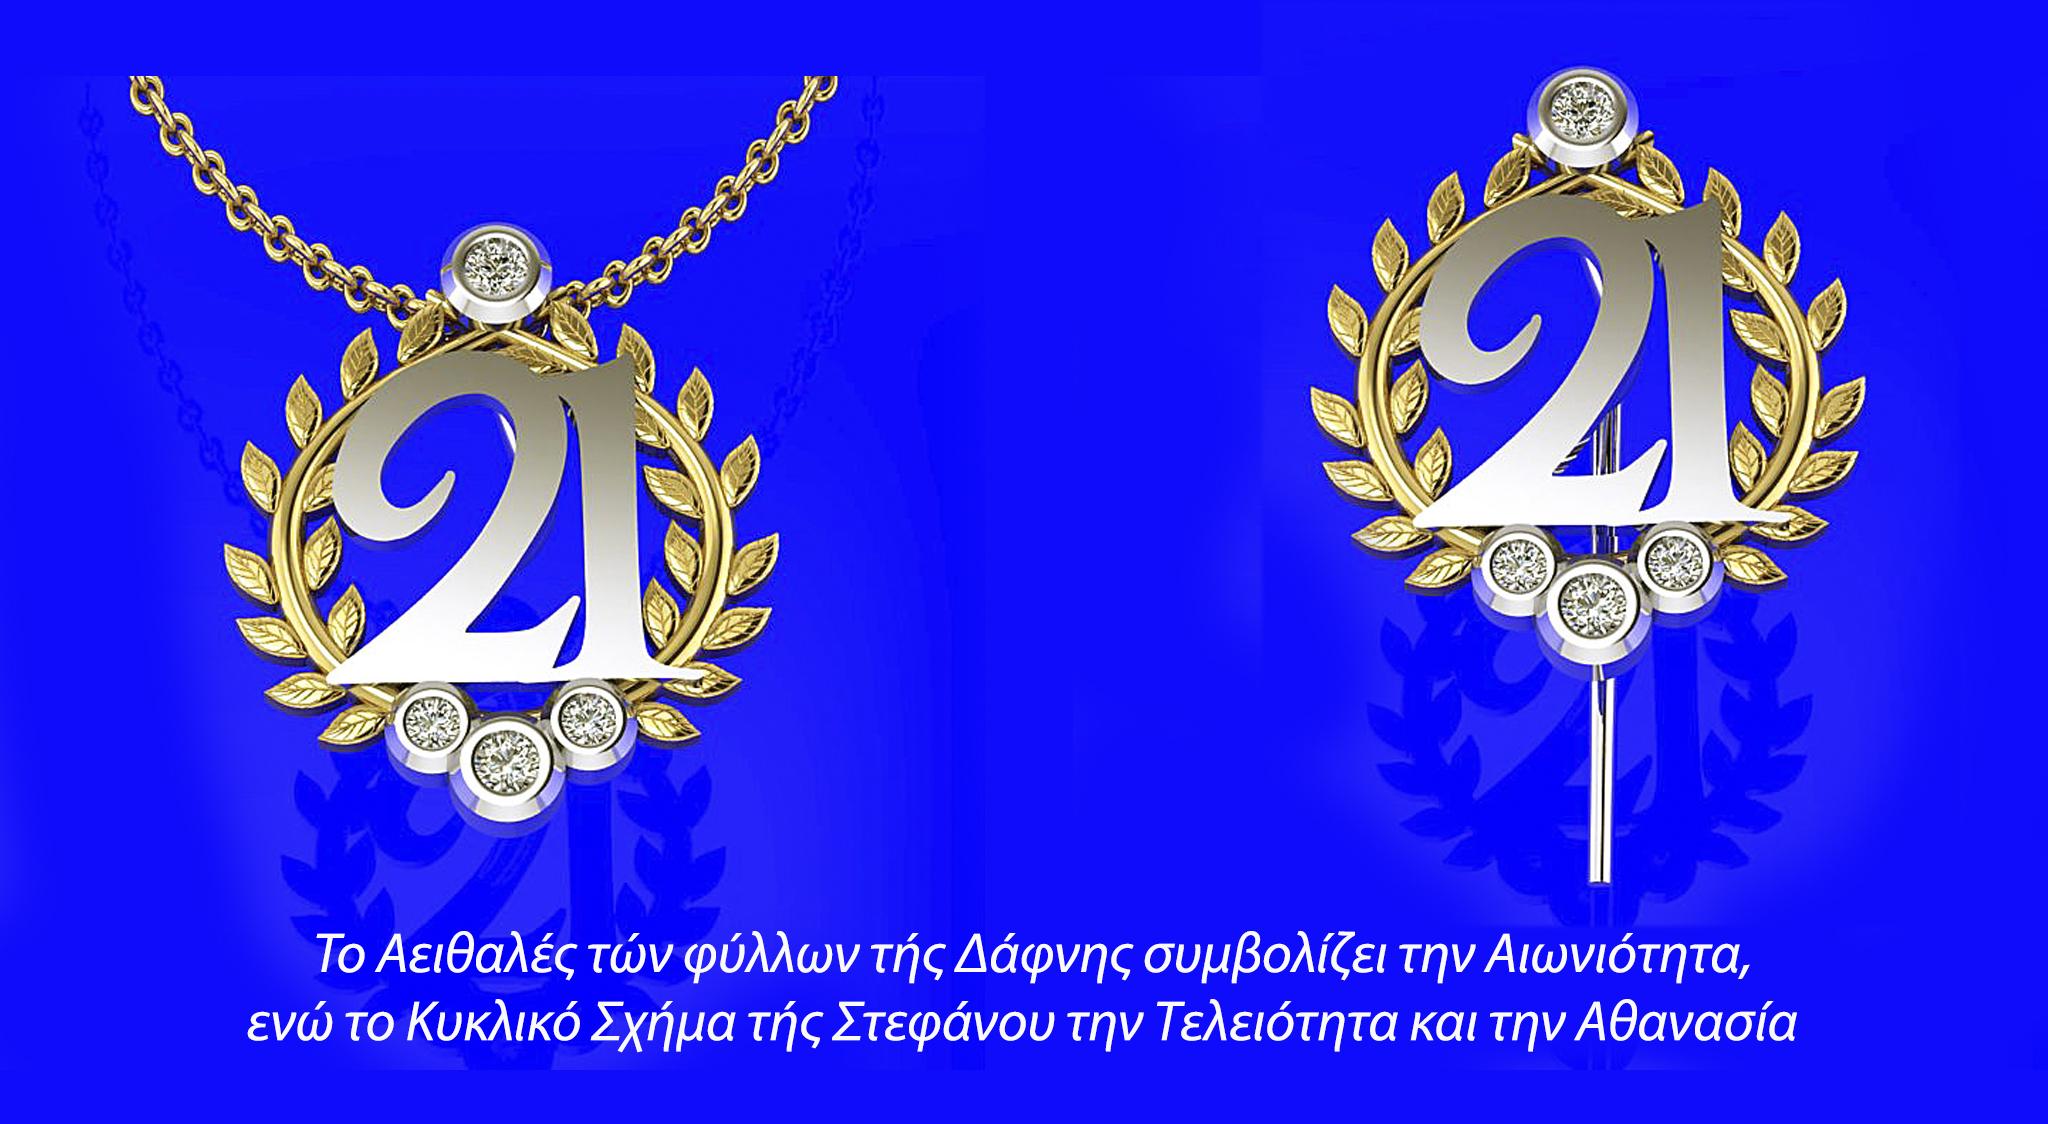 Ελλάδα 2021 - Επετειακά Κοσμήματα για τον Εορτασμό τής Ελληνικής Επανάστασης με το 21 Δαφνοστεφανωμένο